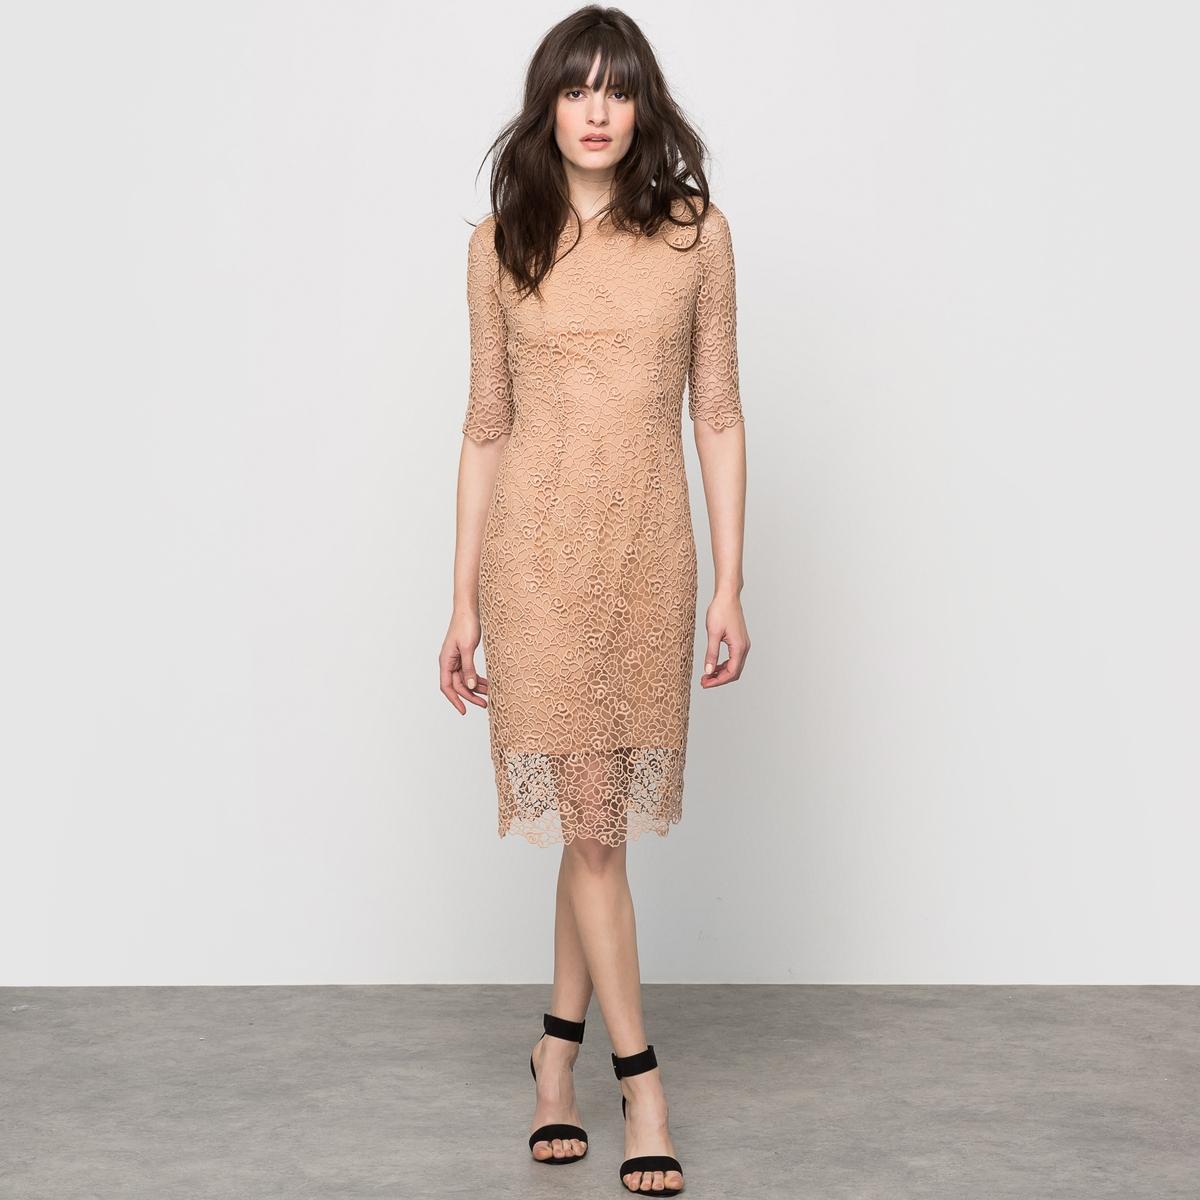 Платье гипюровое с короткими рукавамиПлатье с короткими рукавами. Платье из гипюра. Круглый вырез. Застежка на пуговицу сзади. Молния сзади. 100% хлопка. Подкладка из 100% хлопка. Длина 102 см.<br><br>Цвет: бежевый,красный,темно-синий,черный<br>Размер: 40 (FR) - 46 (RUS).48 (FR) - 54 (RUS).46 (FR) - 52 (RUS).34 (FR) - 40 (RUS).34 (FR) - 40 (RUS).36 (FR) - 42 (RUS).38 (FR) - 44 (RUS).40 (FR) - 46 (RUS).38 (FR) - 44 (RUS).44 (FR) - 50 (RUS).48 (FR) - 54 (RUS).36 (FR) - 42 (RUS).36 (FR) - 42 (RUS)